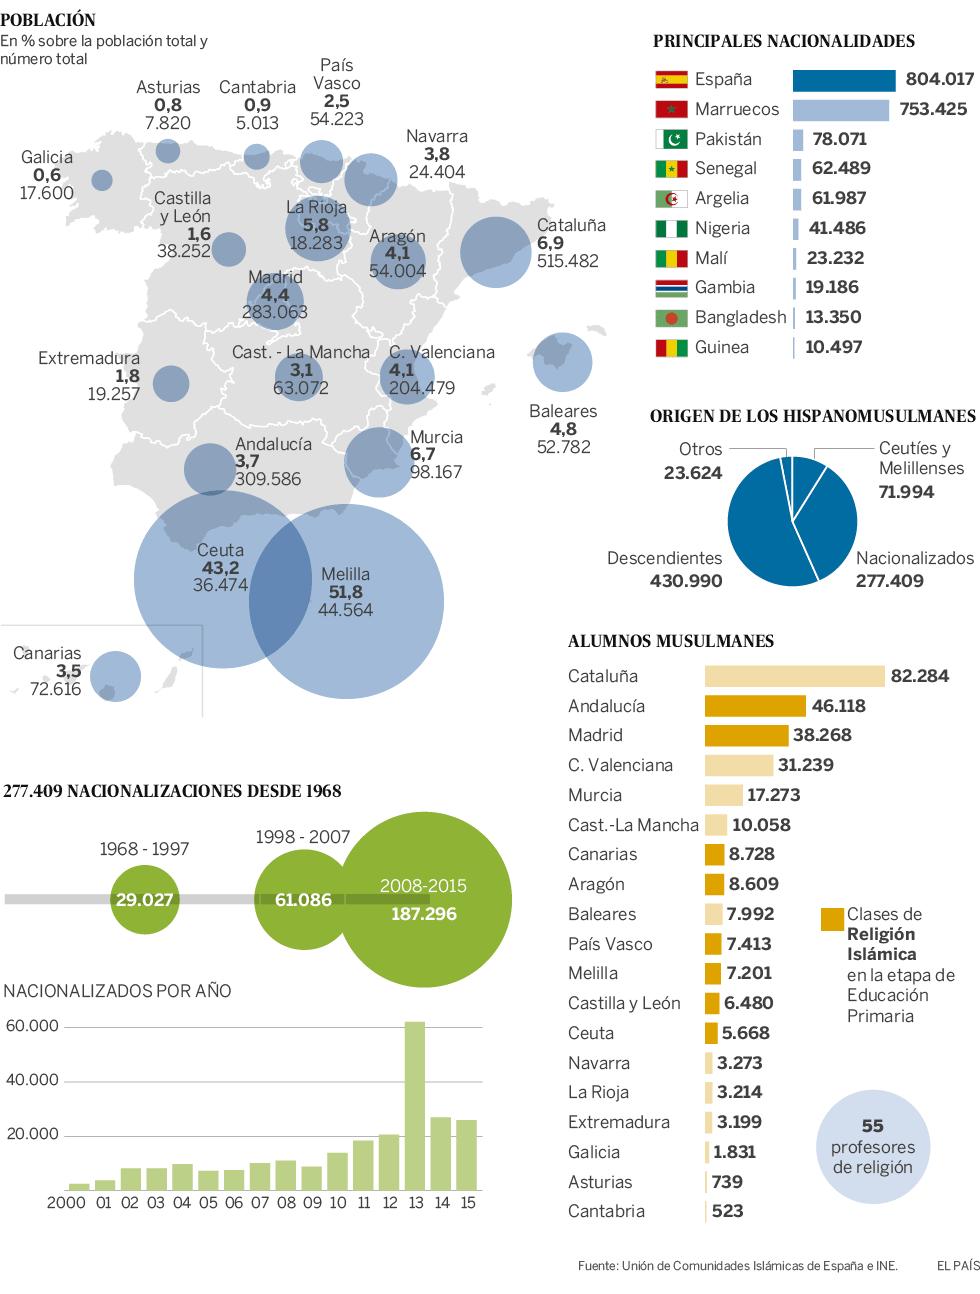 musulmanes en Espana 2017